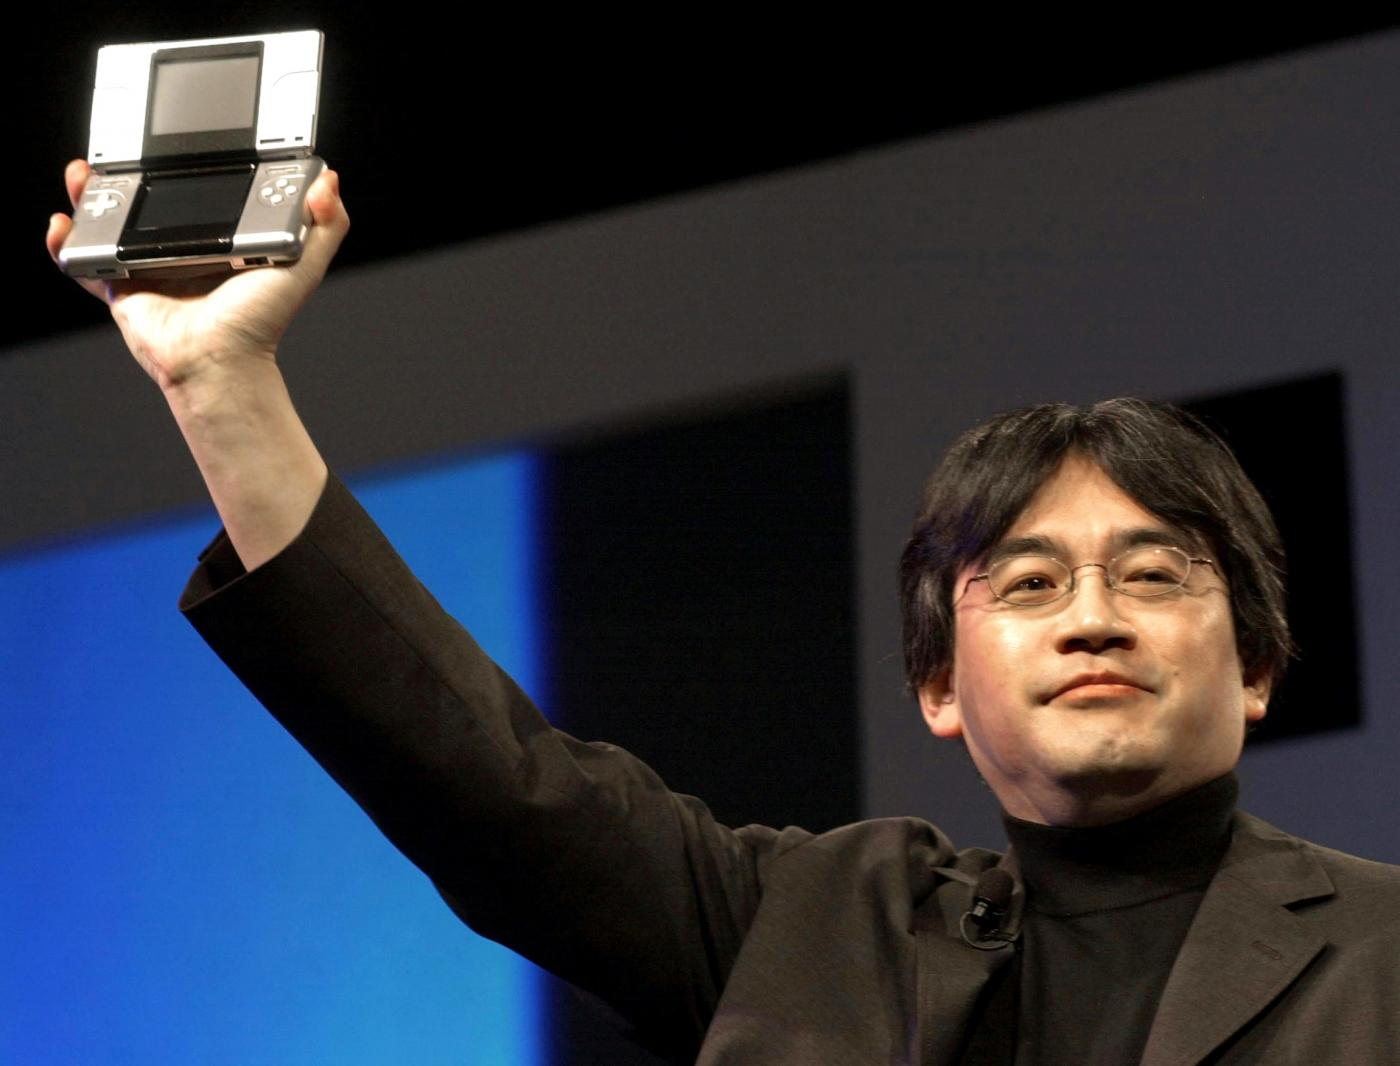 Addio al presidente Nintendo, è morto Satoru Iwata